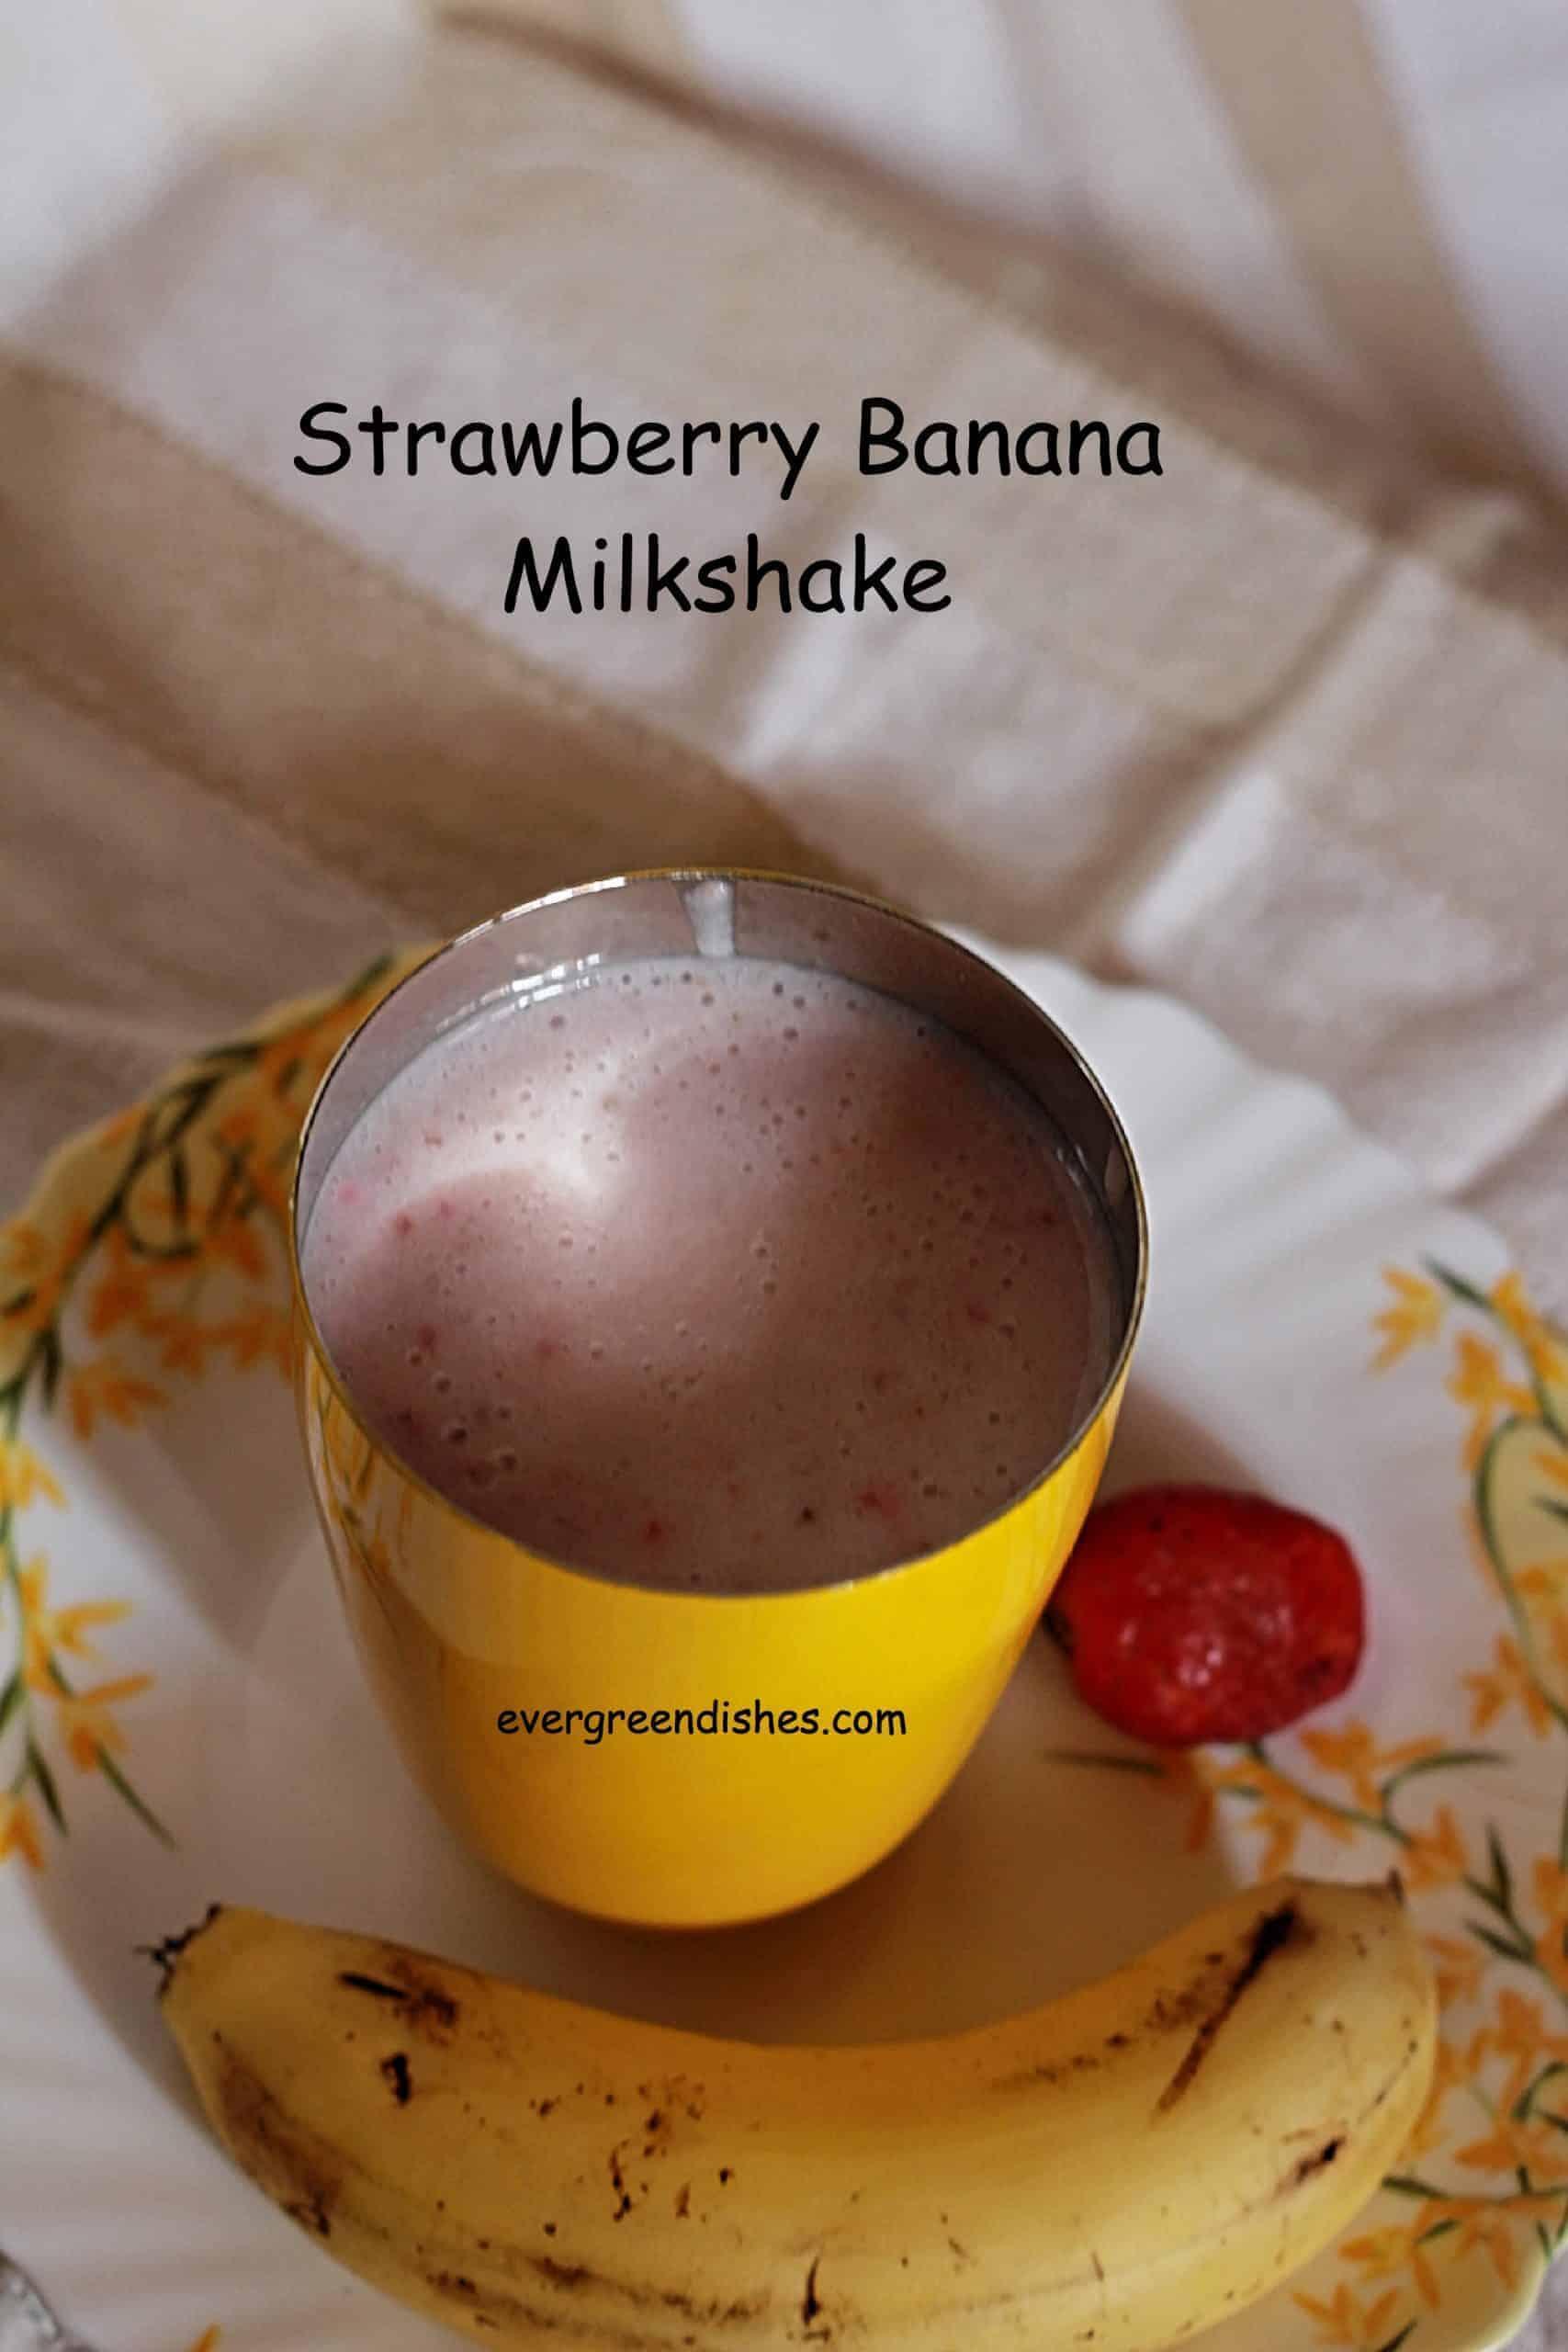 strawberry banana milkshake